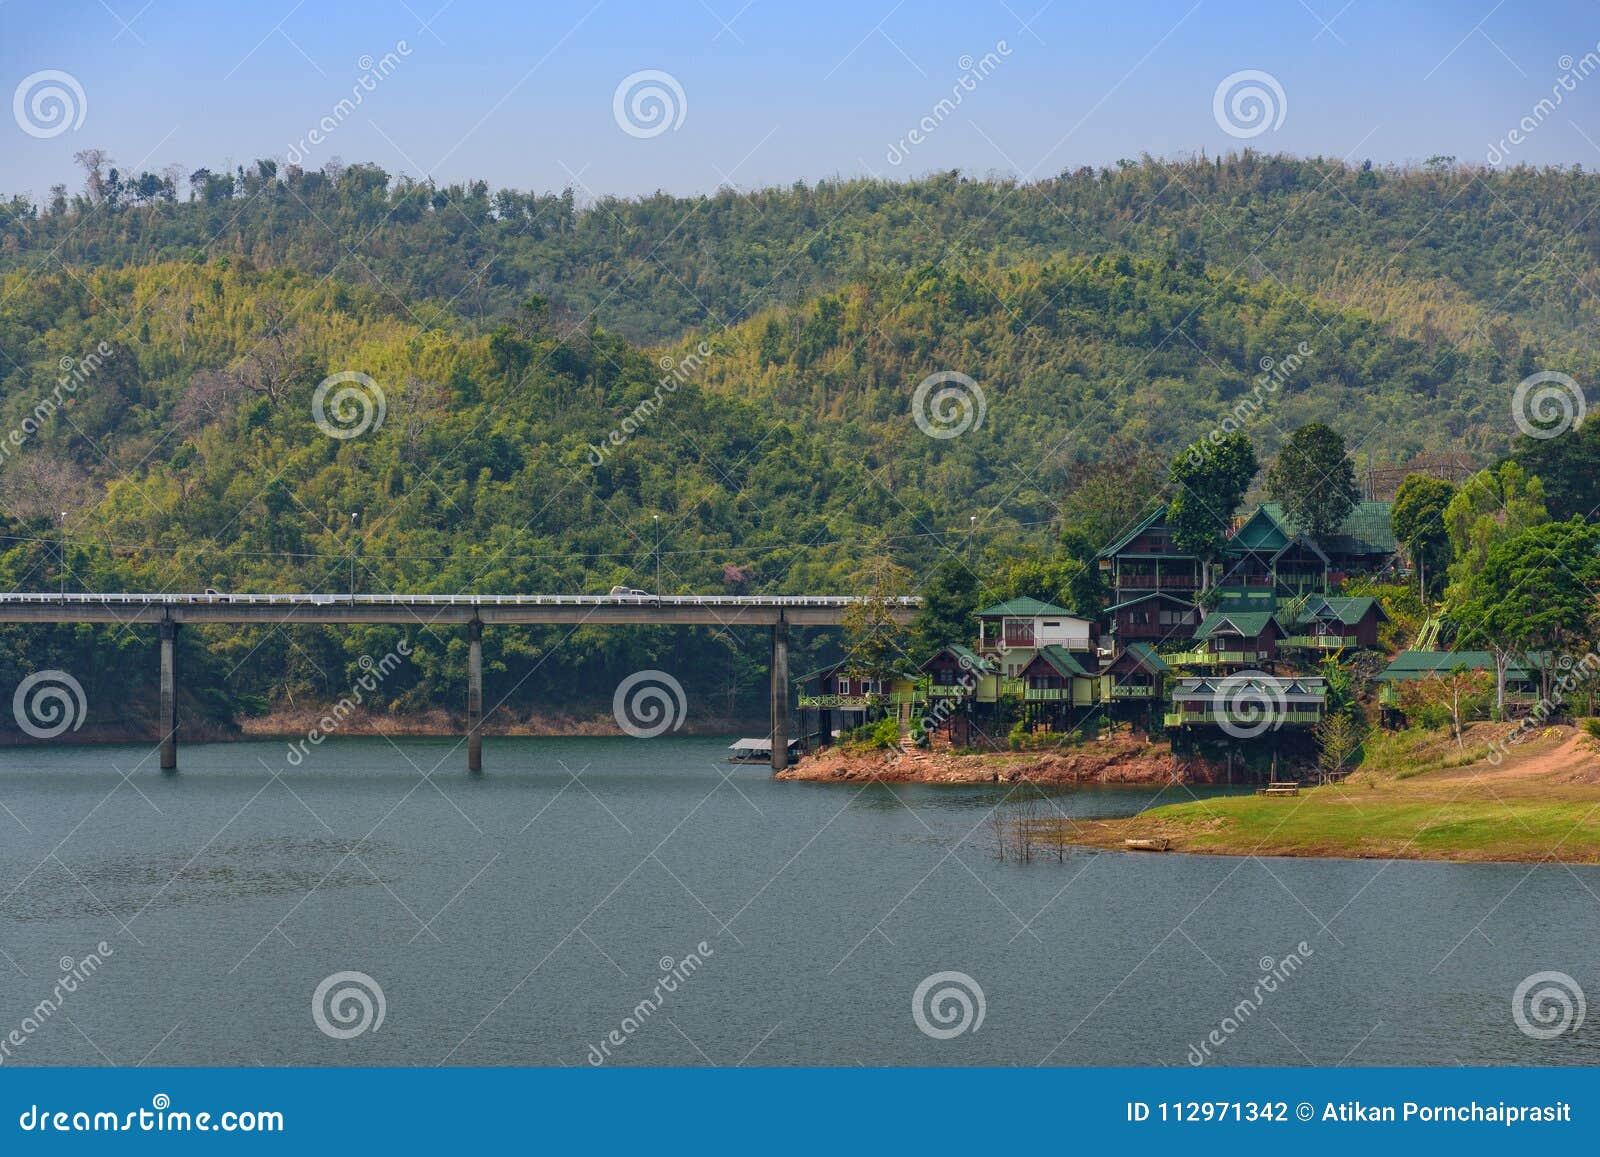 Kanchanaburi, Thaïlande - 19 février 2018 : Grand pont fait de